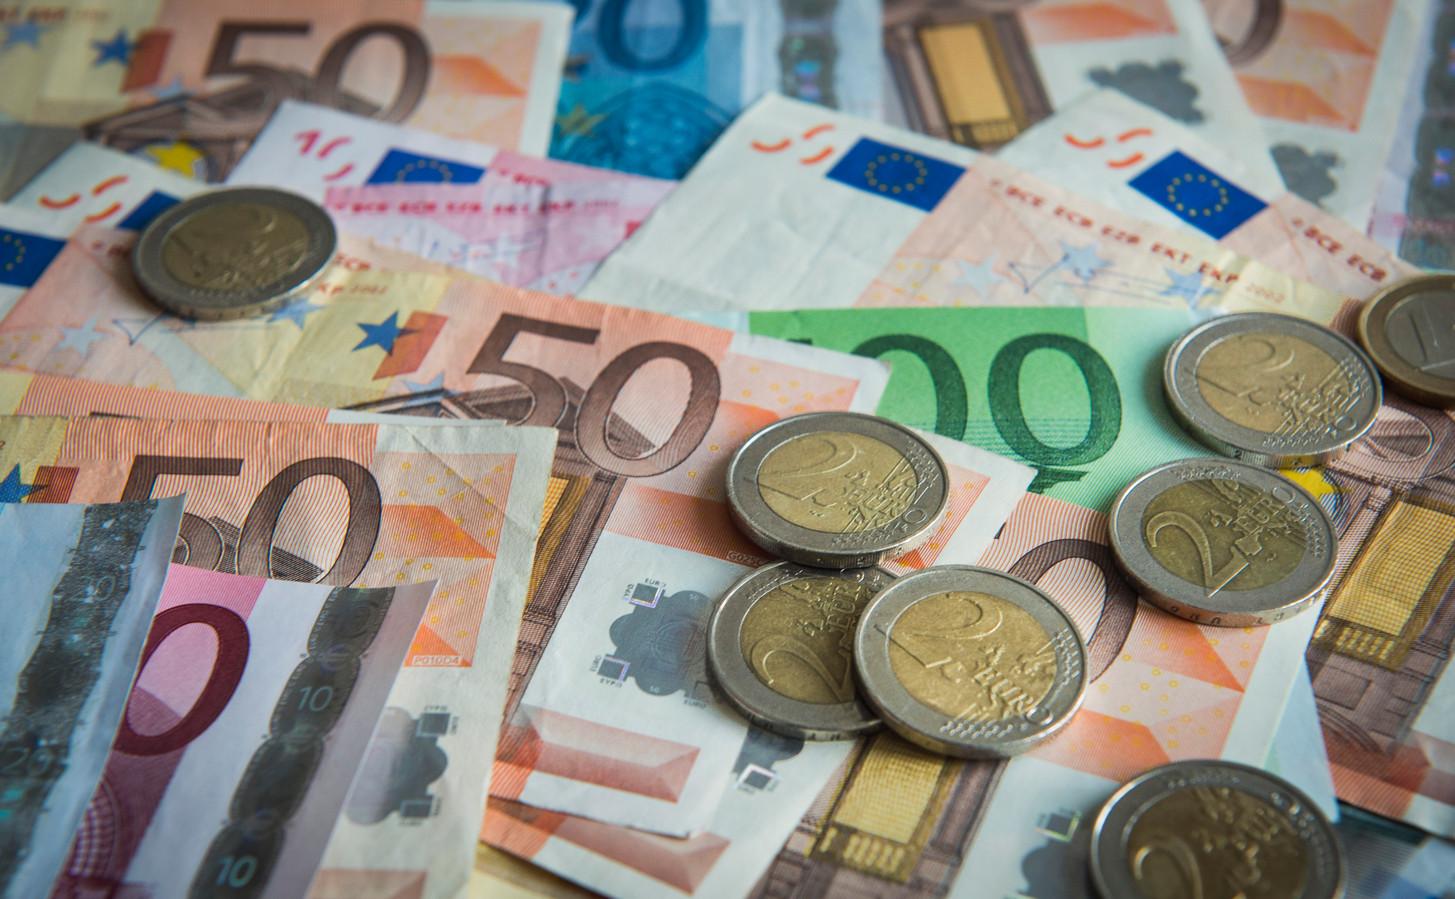 De gemeente Hellendoorn moet dit jaar ineens miljoenen euro's bezuinigen, en snel ook!